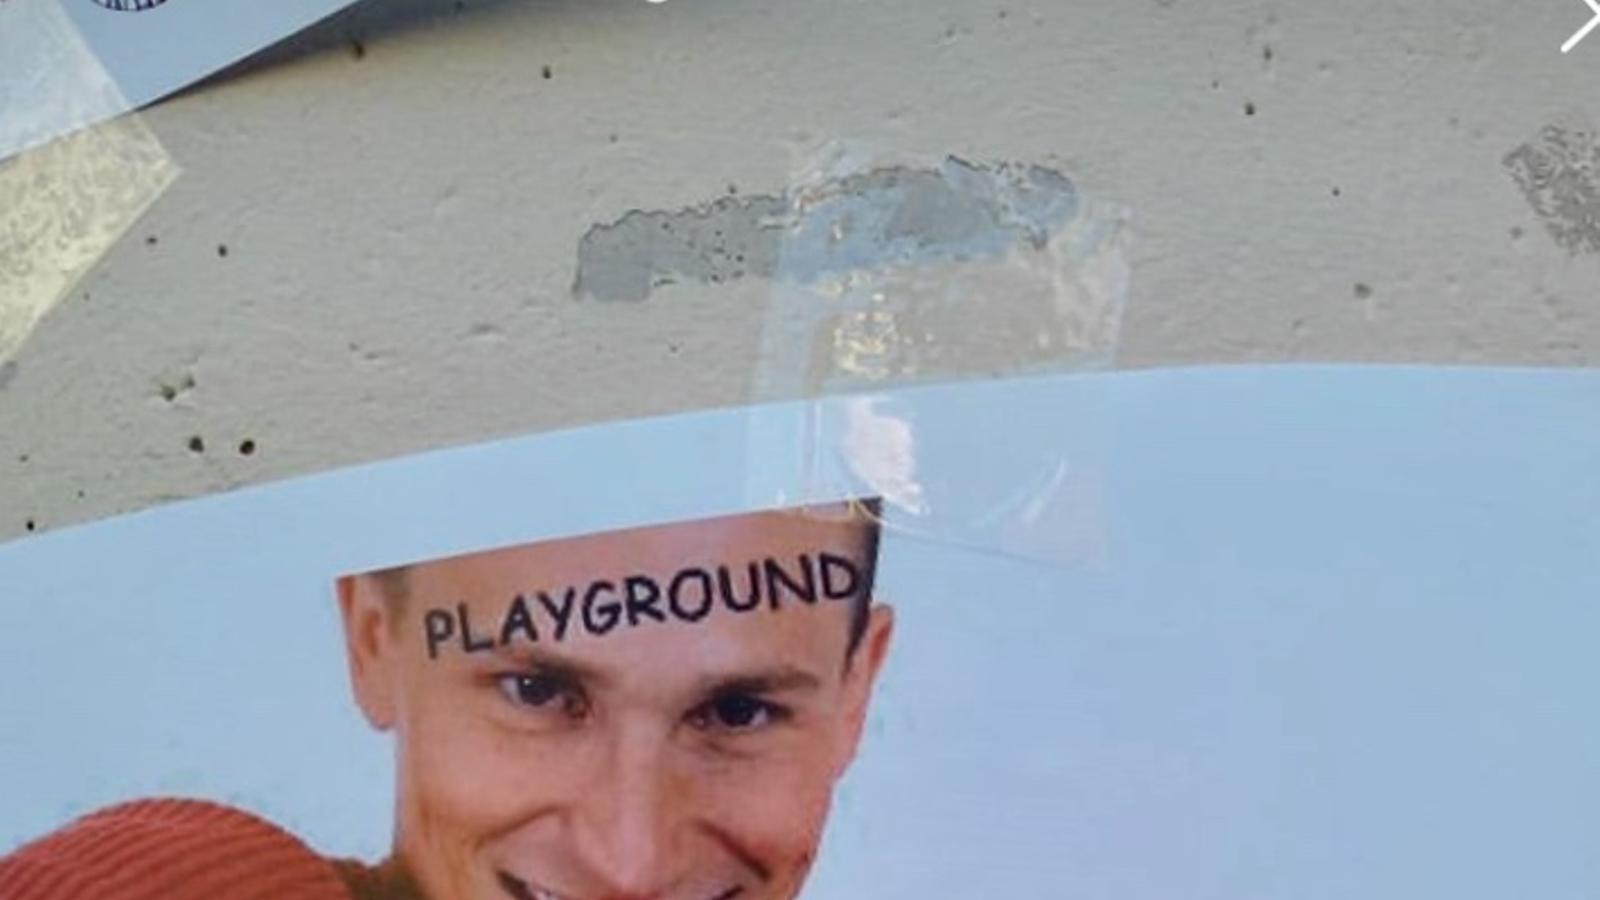 Els treballadors de PlayGround protesten contra l'ERO empaperant el carrer amb mems